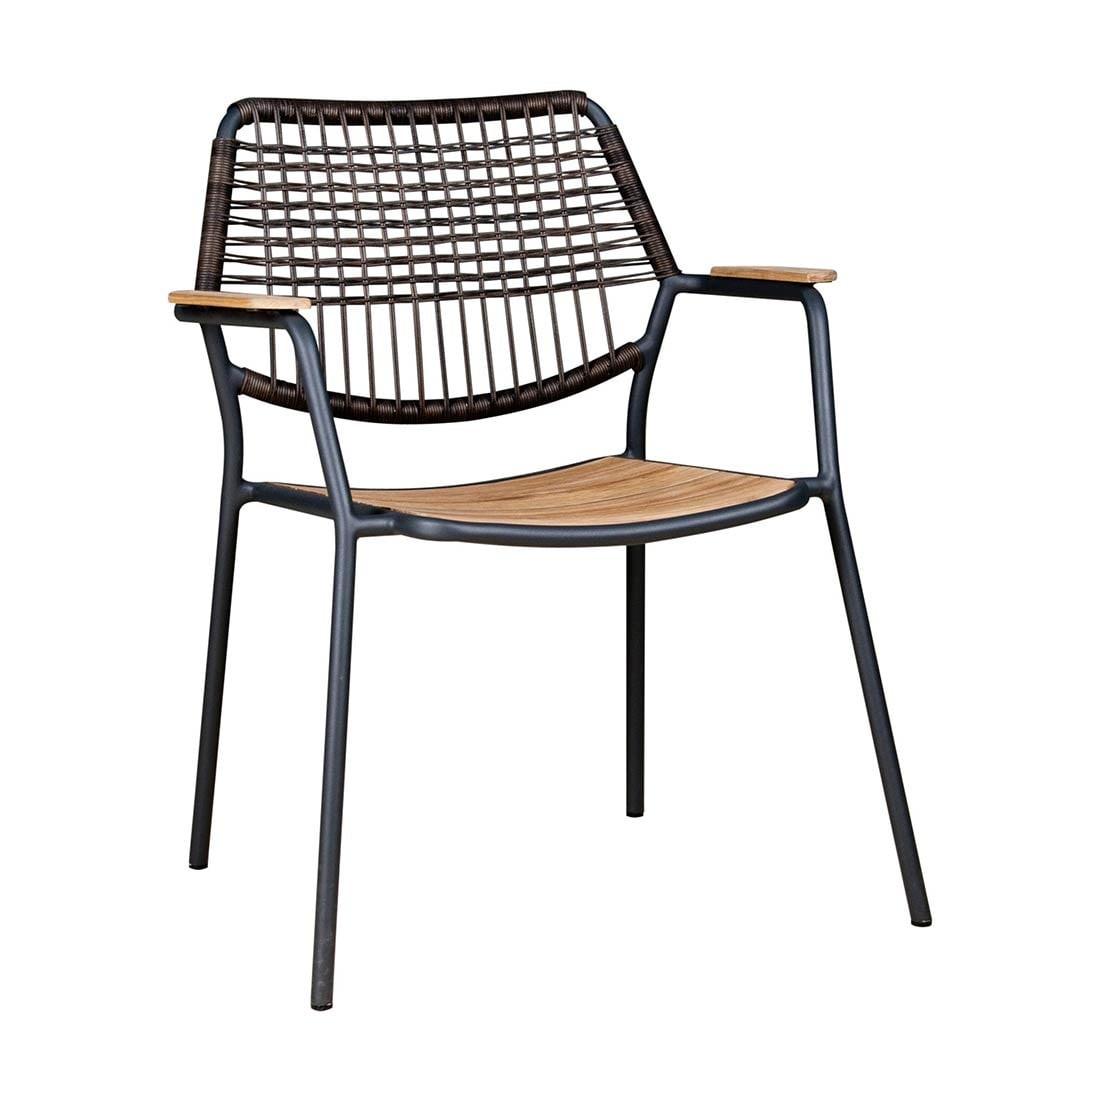 gartenst hle holz metall st hle exclusive gartenm bel. Black Bedroom Furniture Sets. Home Design Ideas